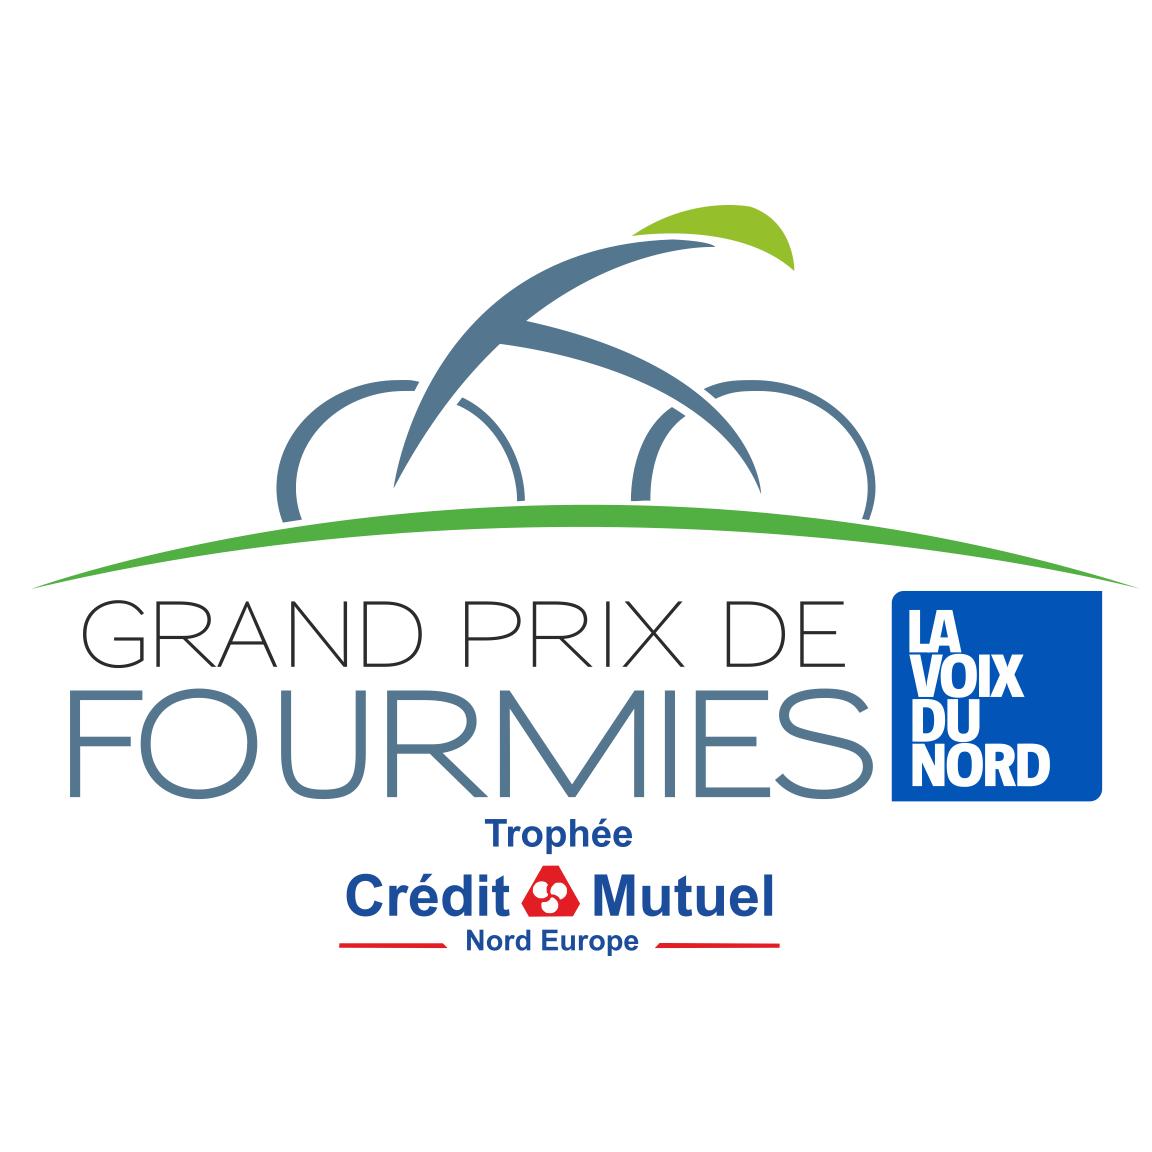 グランプリ・ド・フルミー2018